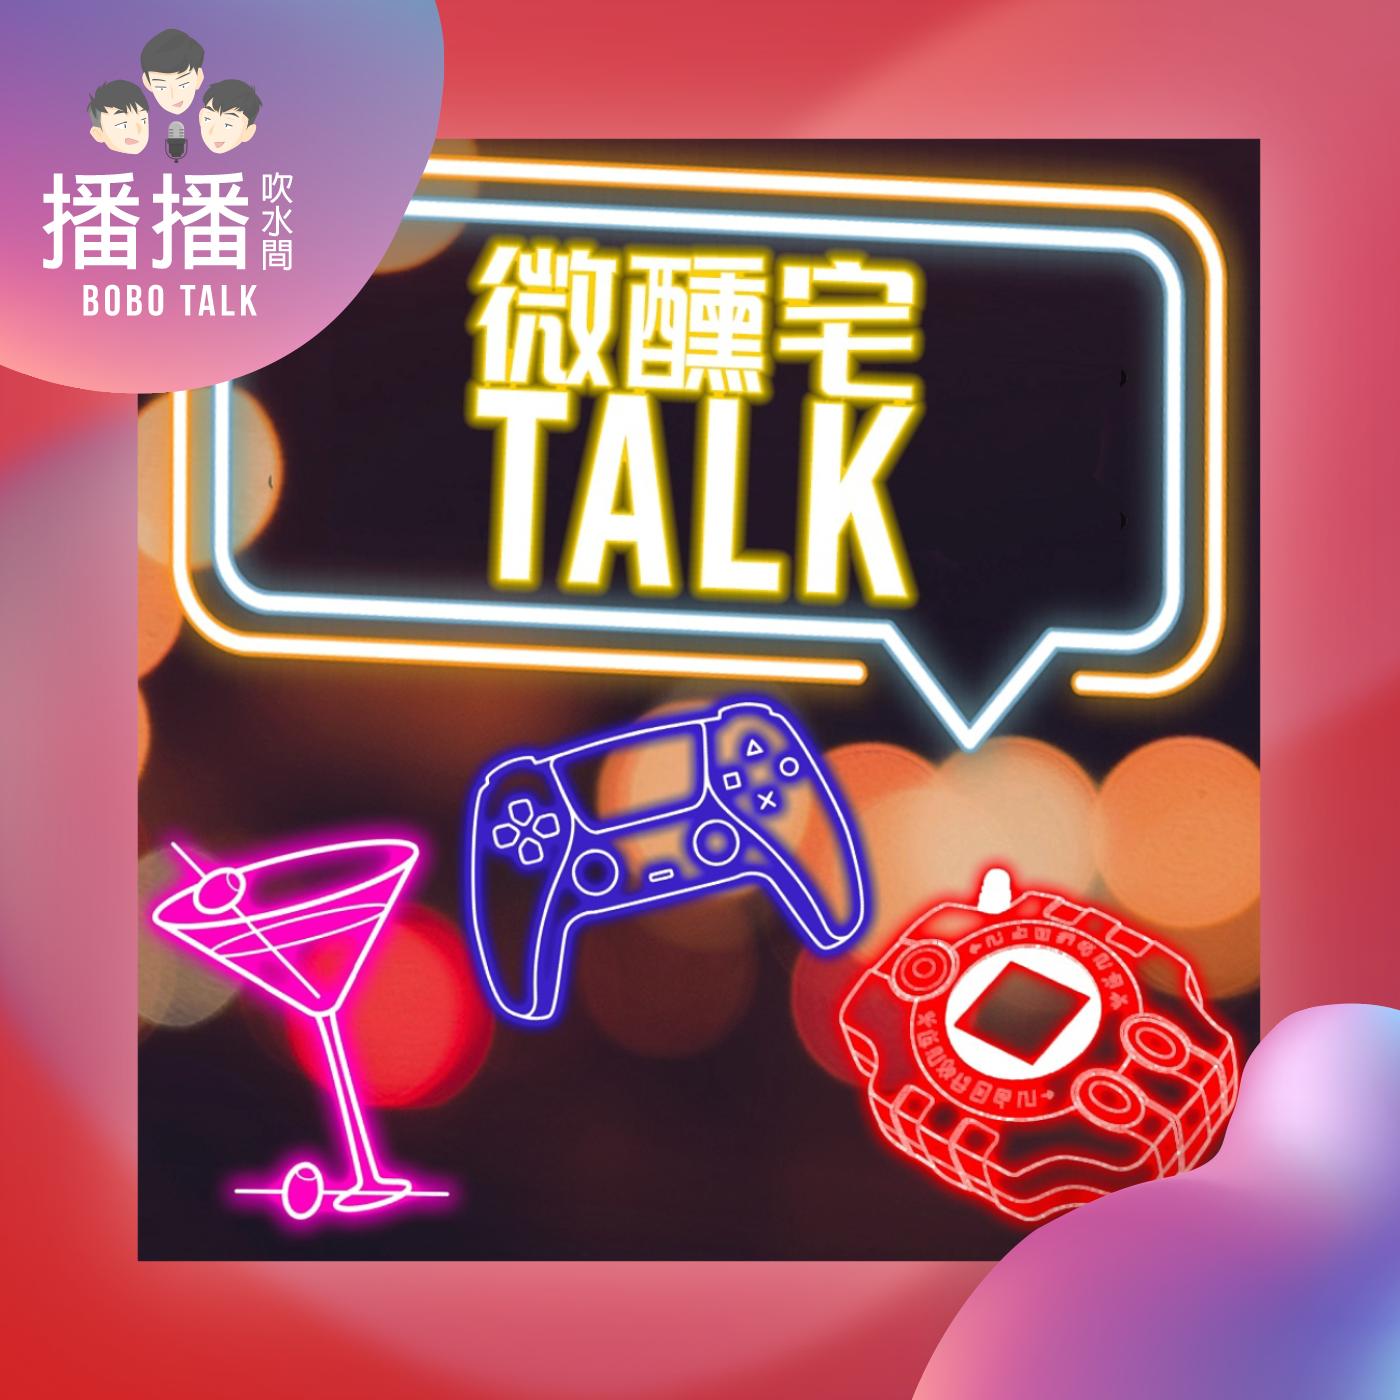 EP27 - 《Jio你來吹水 ft. 微醺宅Talk》兩個動漫大師的動漫Pt2